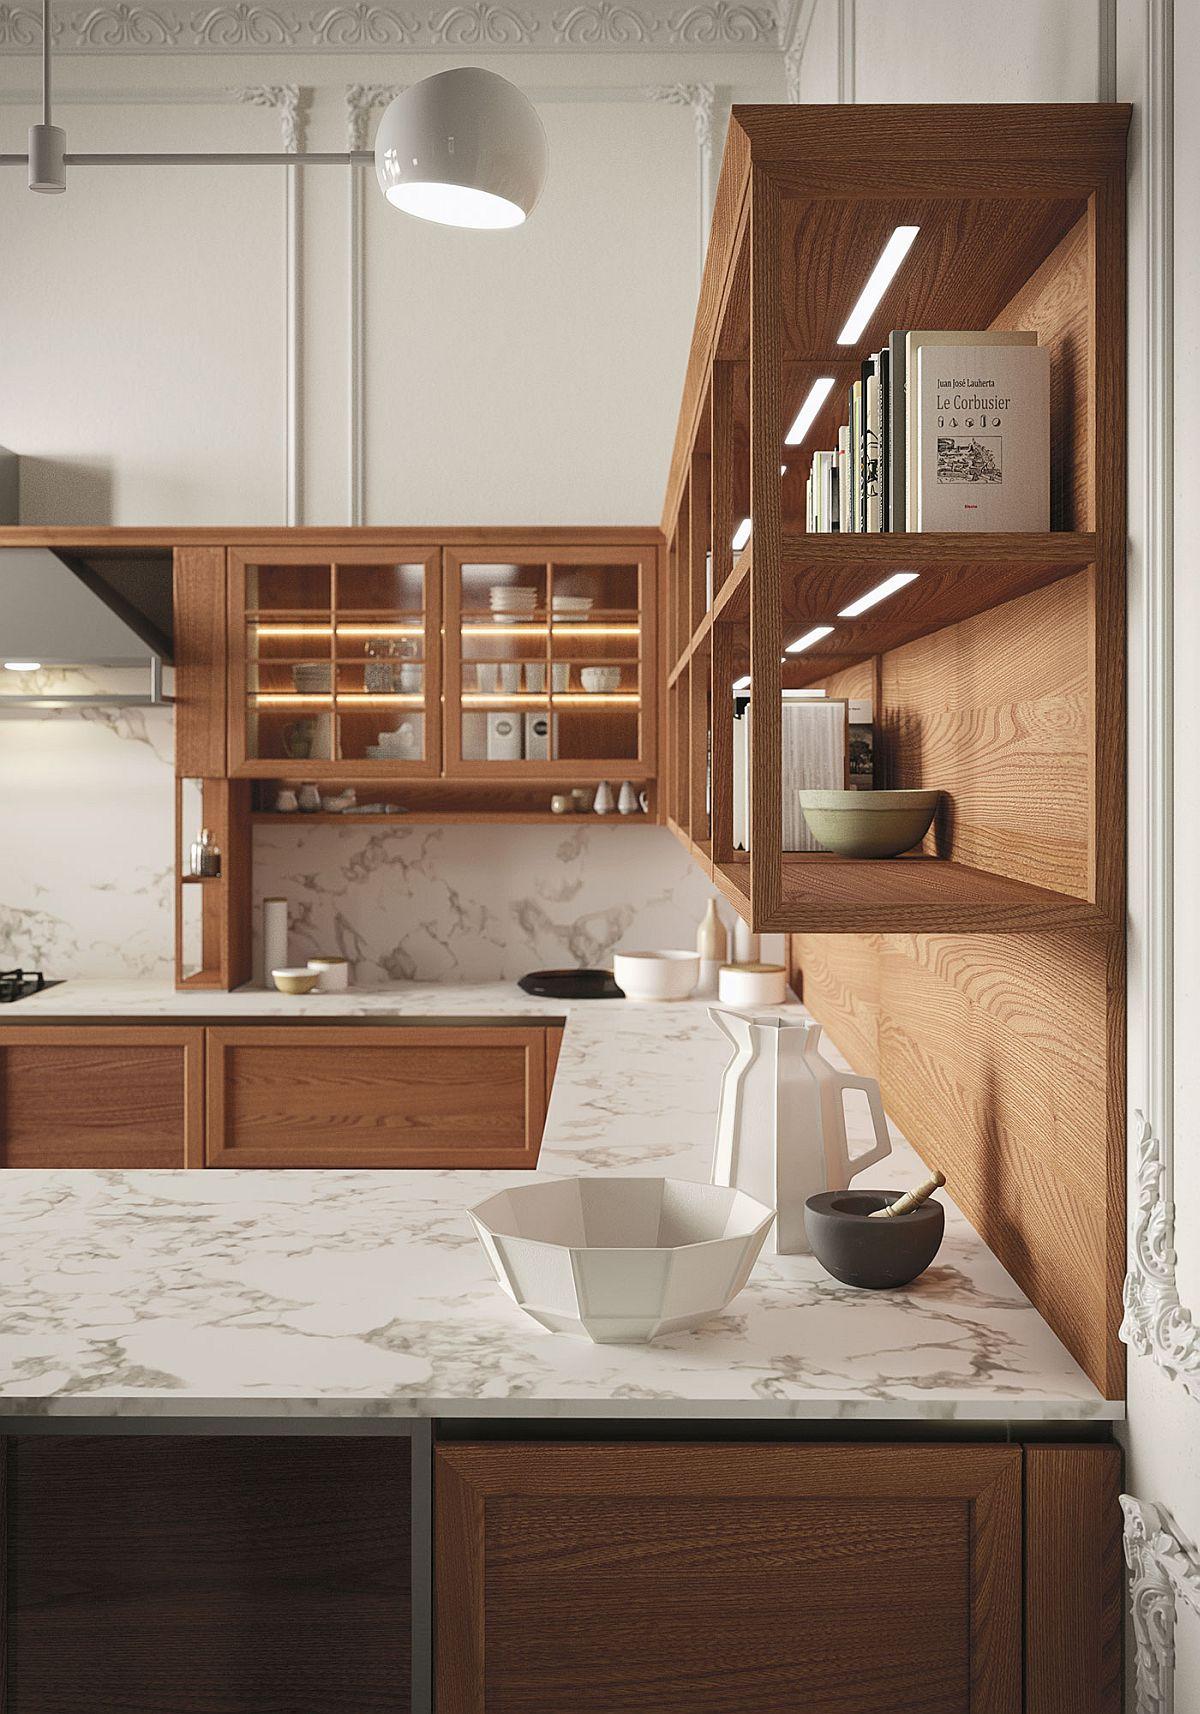 Интерьер современной кухни дополняют элегантные светильники